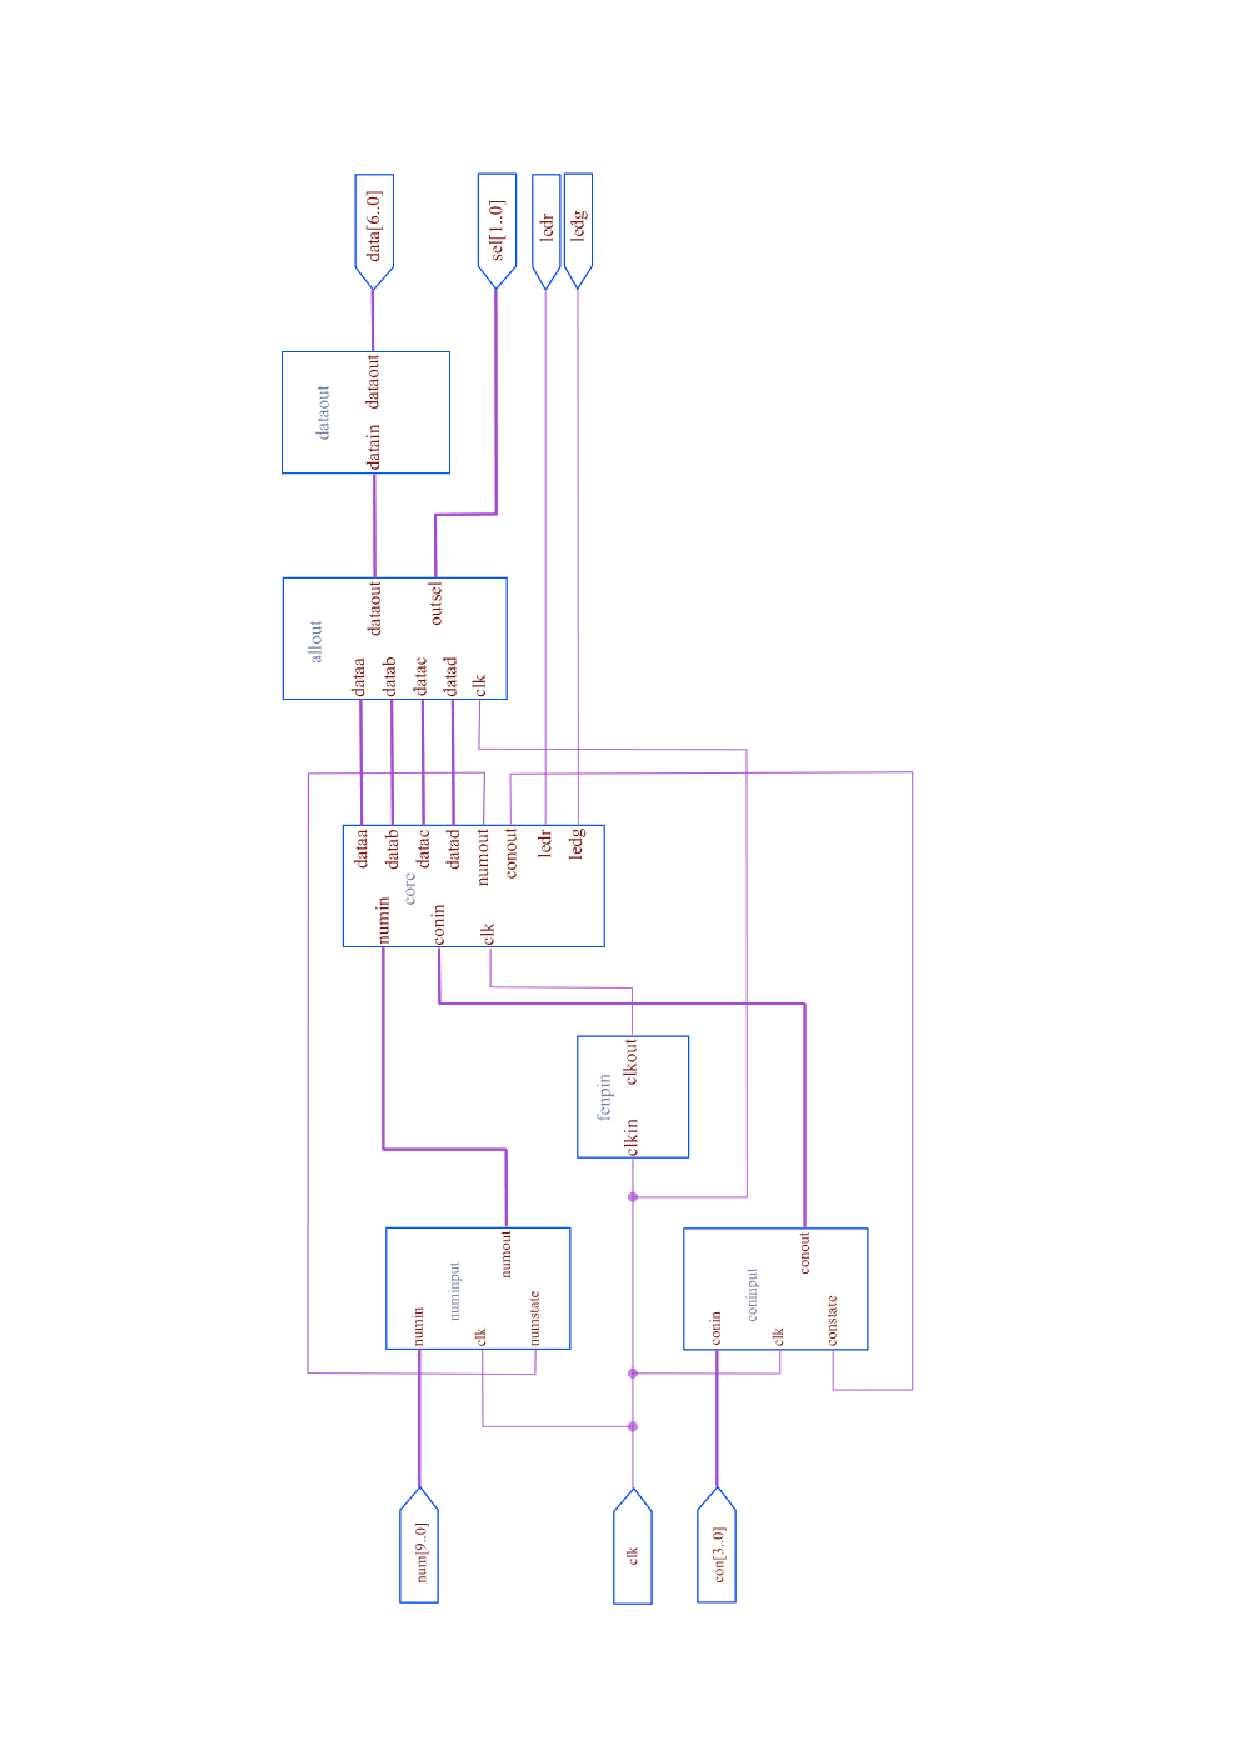 eda课程设计报告 - 电子密码锁设计实验